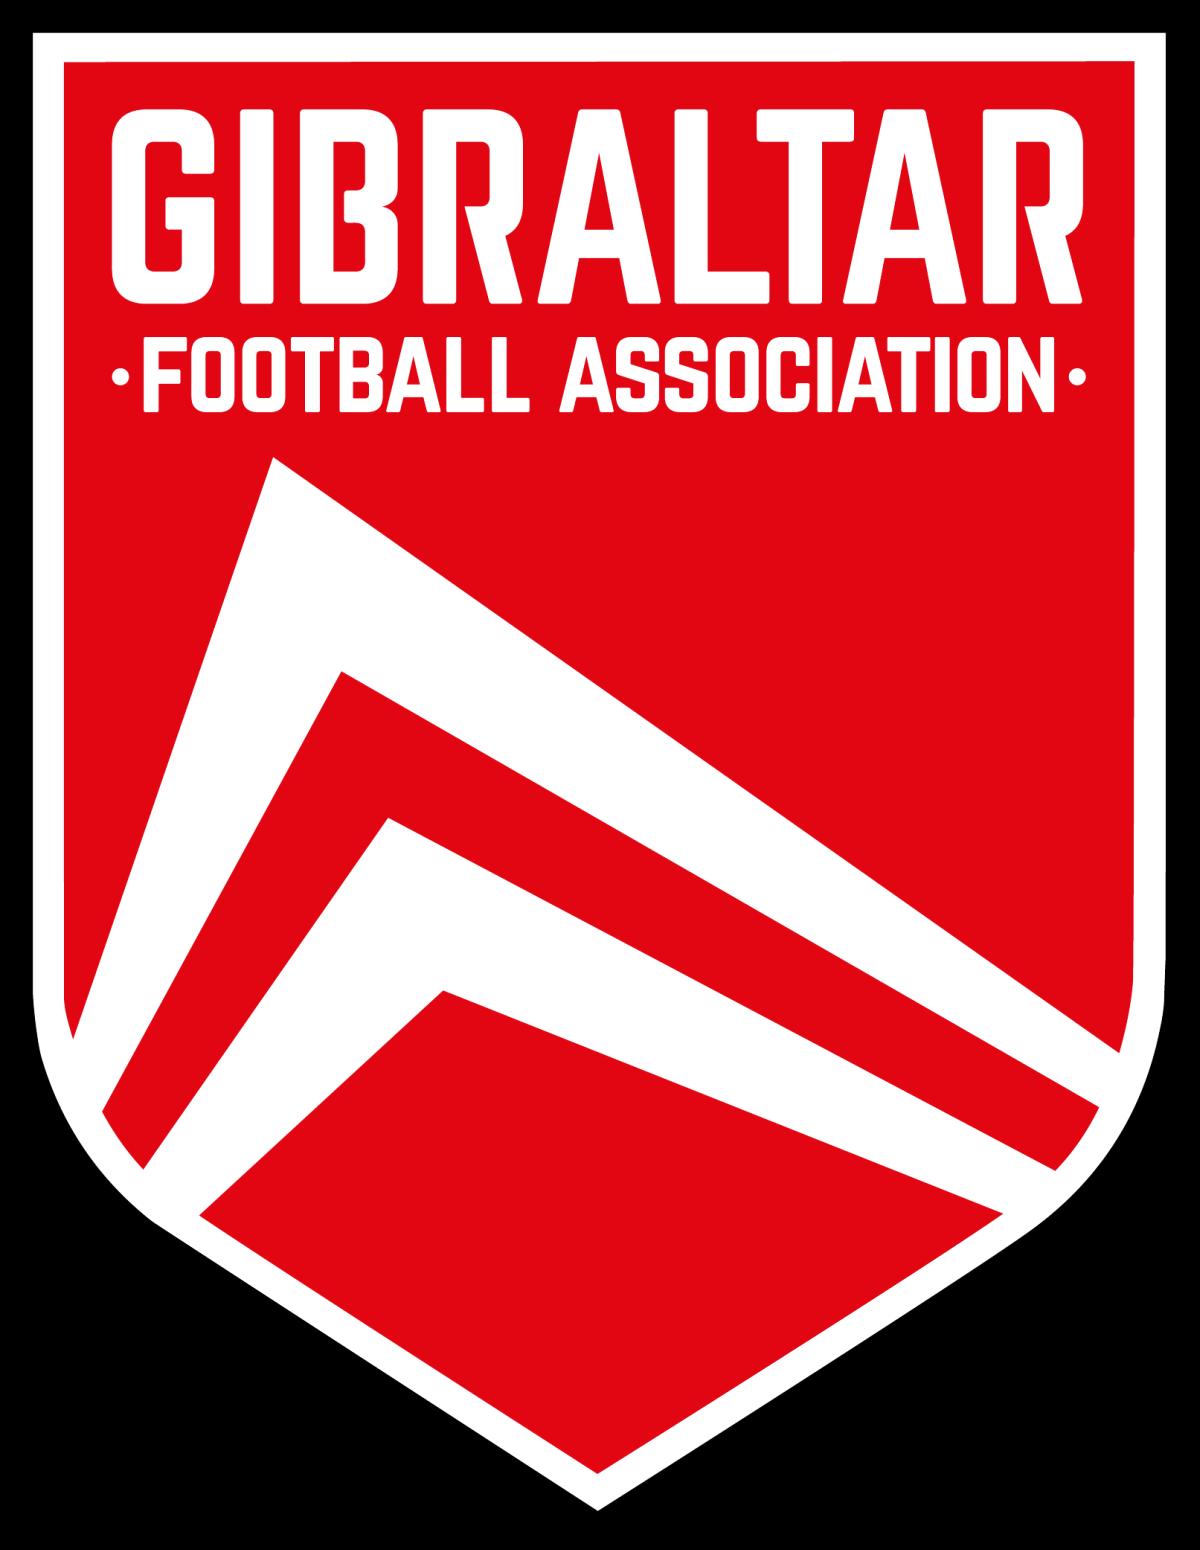 Federación de Fútbol de Gibraltar (Federazione calcistica di Gibilterra) -  wikipe.wiki